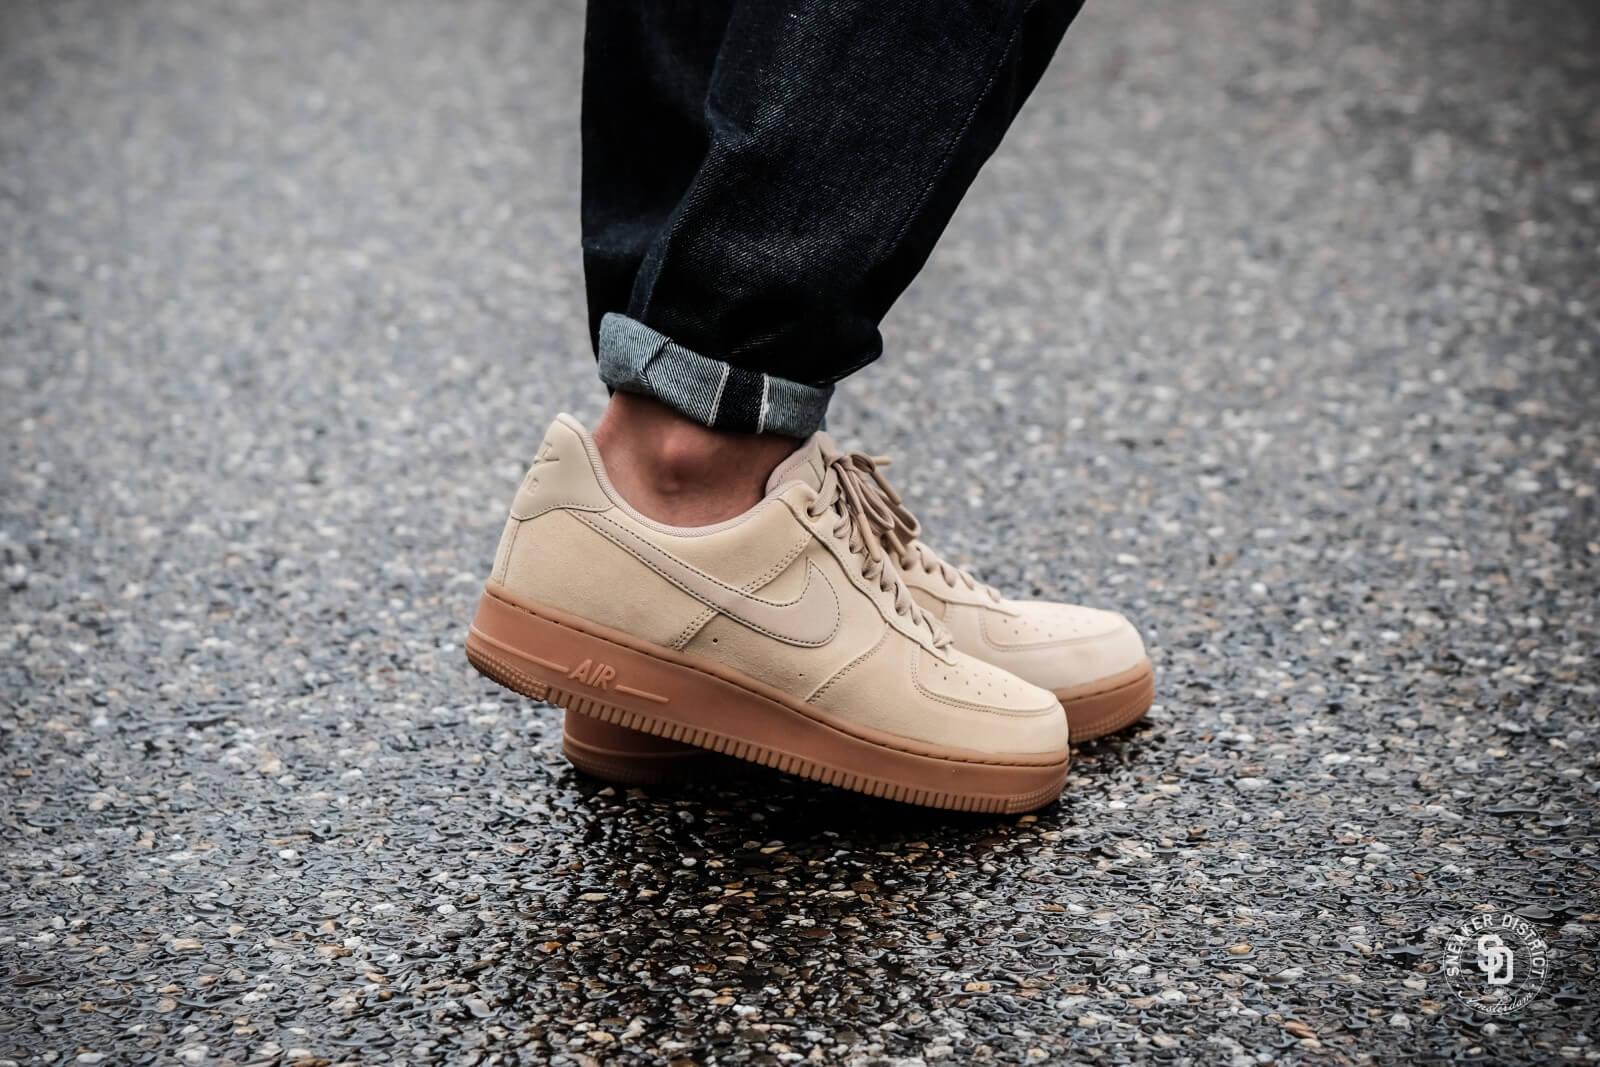 Nike Air Force 1 '07 LV8 Suede Mushroom Gum Medium Brown